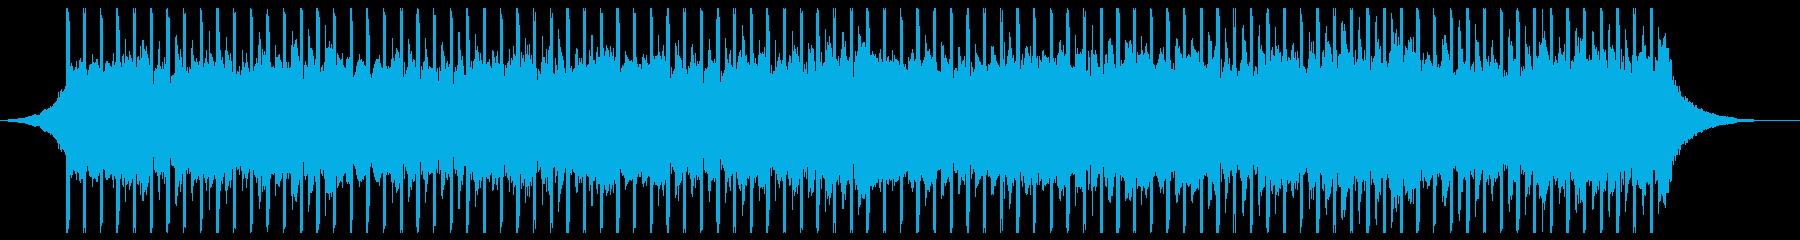 感動的な企業(60秒)の再生済みの波形